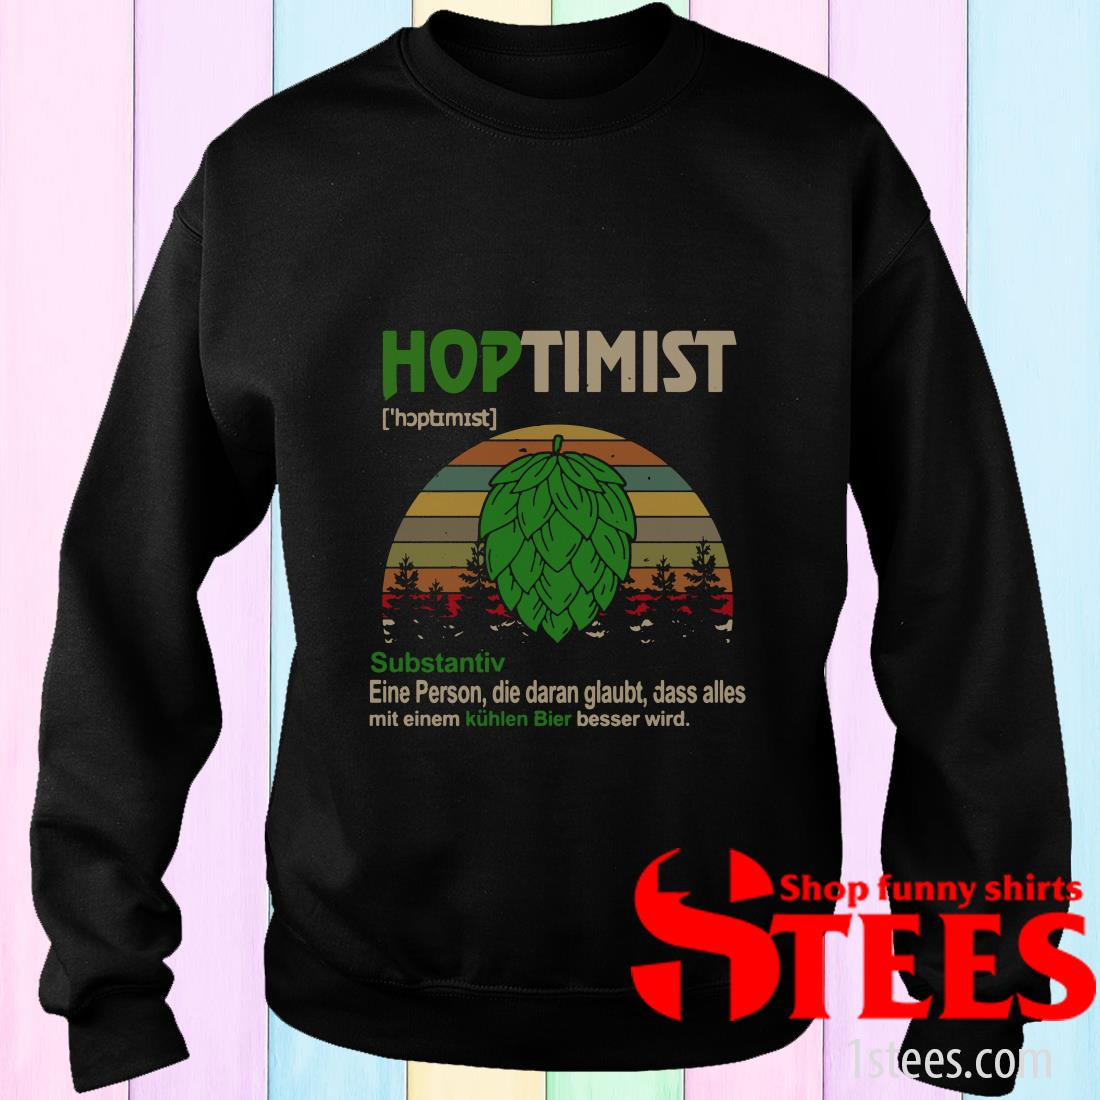 Hoptimist Substantiv Eine Person Die Daran Glaubt Dass Alles Mit Eniem Sweater